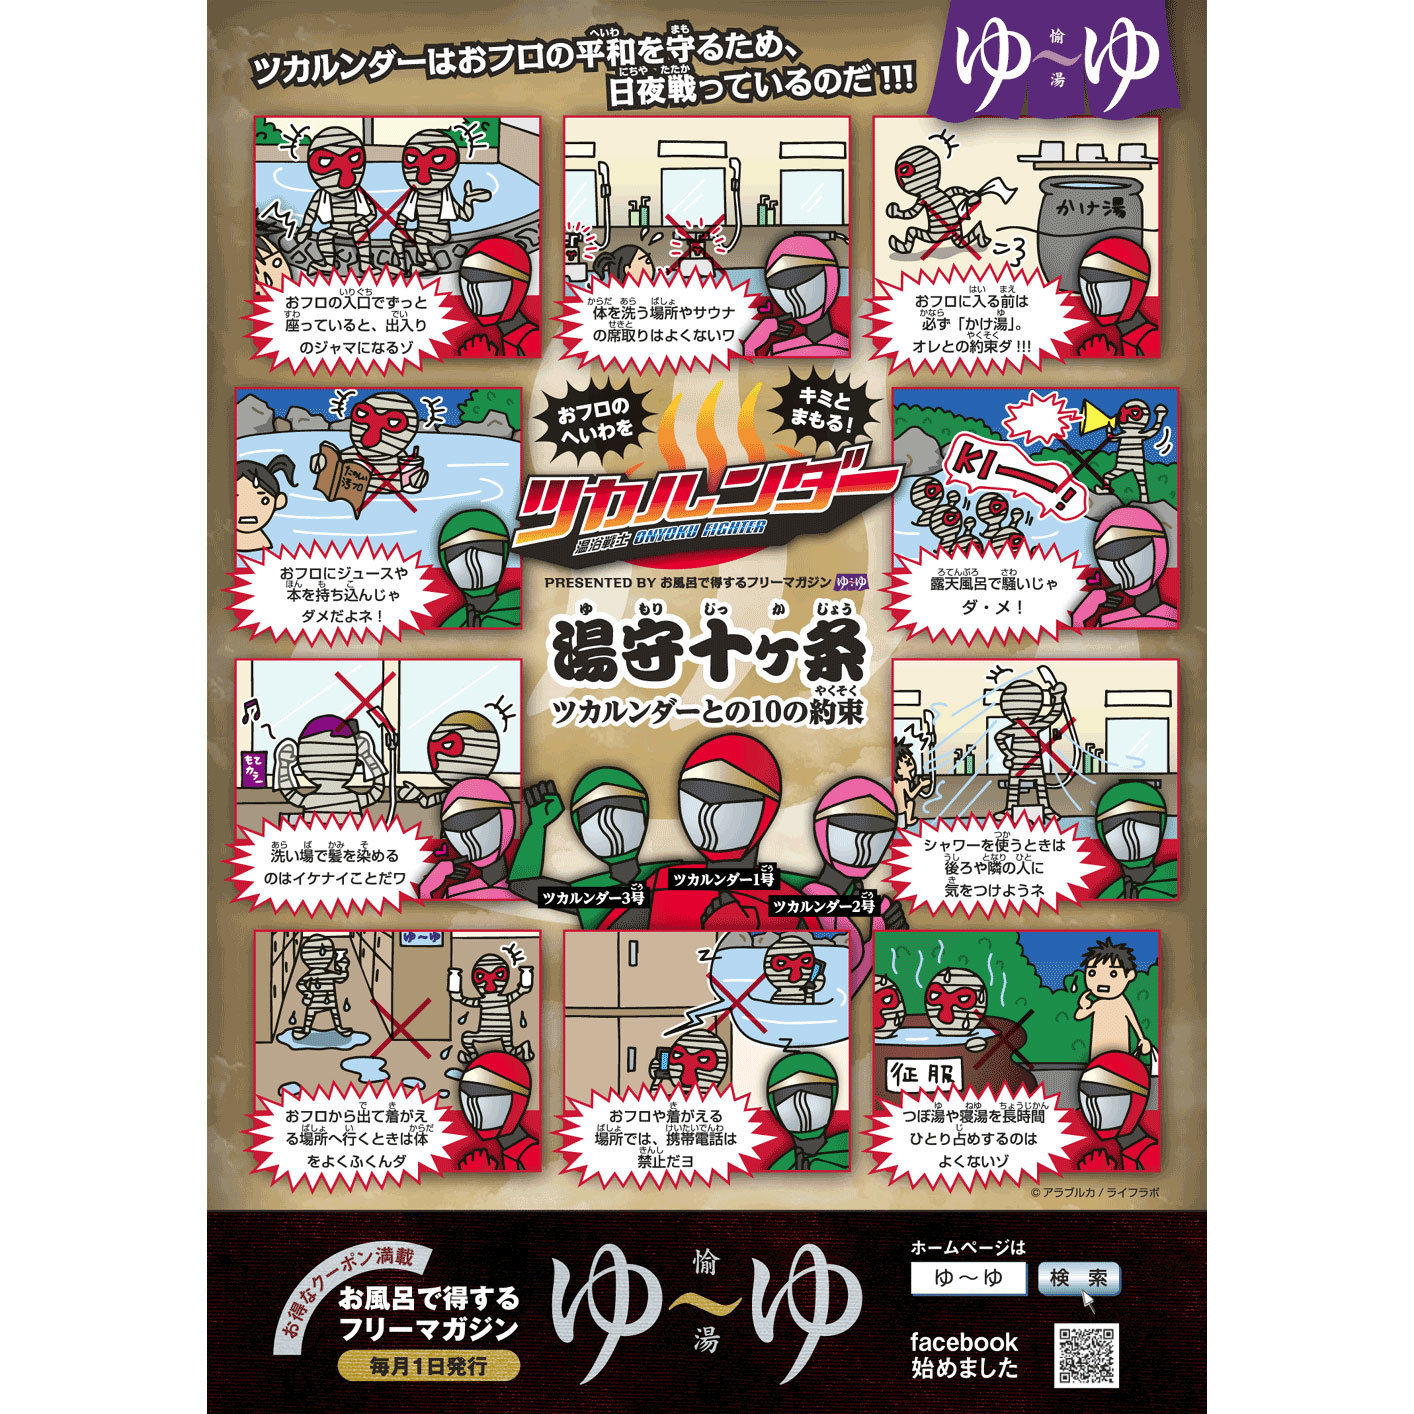 「ゆーゆオリジナルお風呂のマナーポスター・お子さま向け」Bセット(2枚セット)